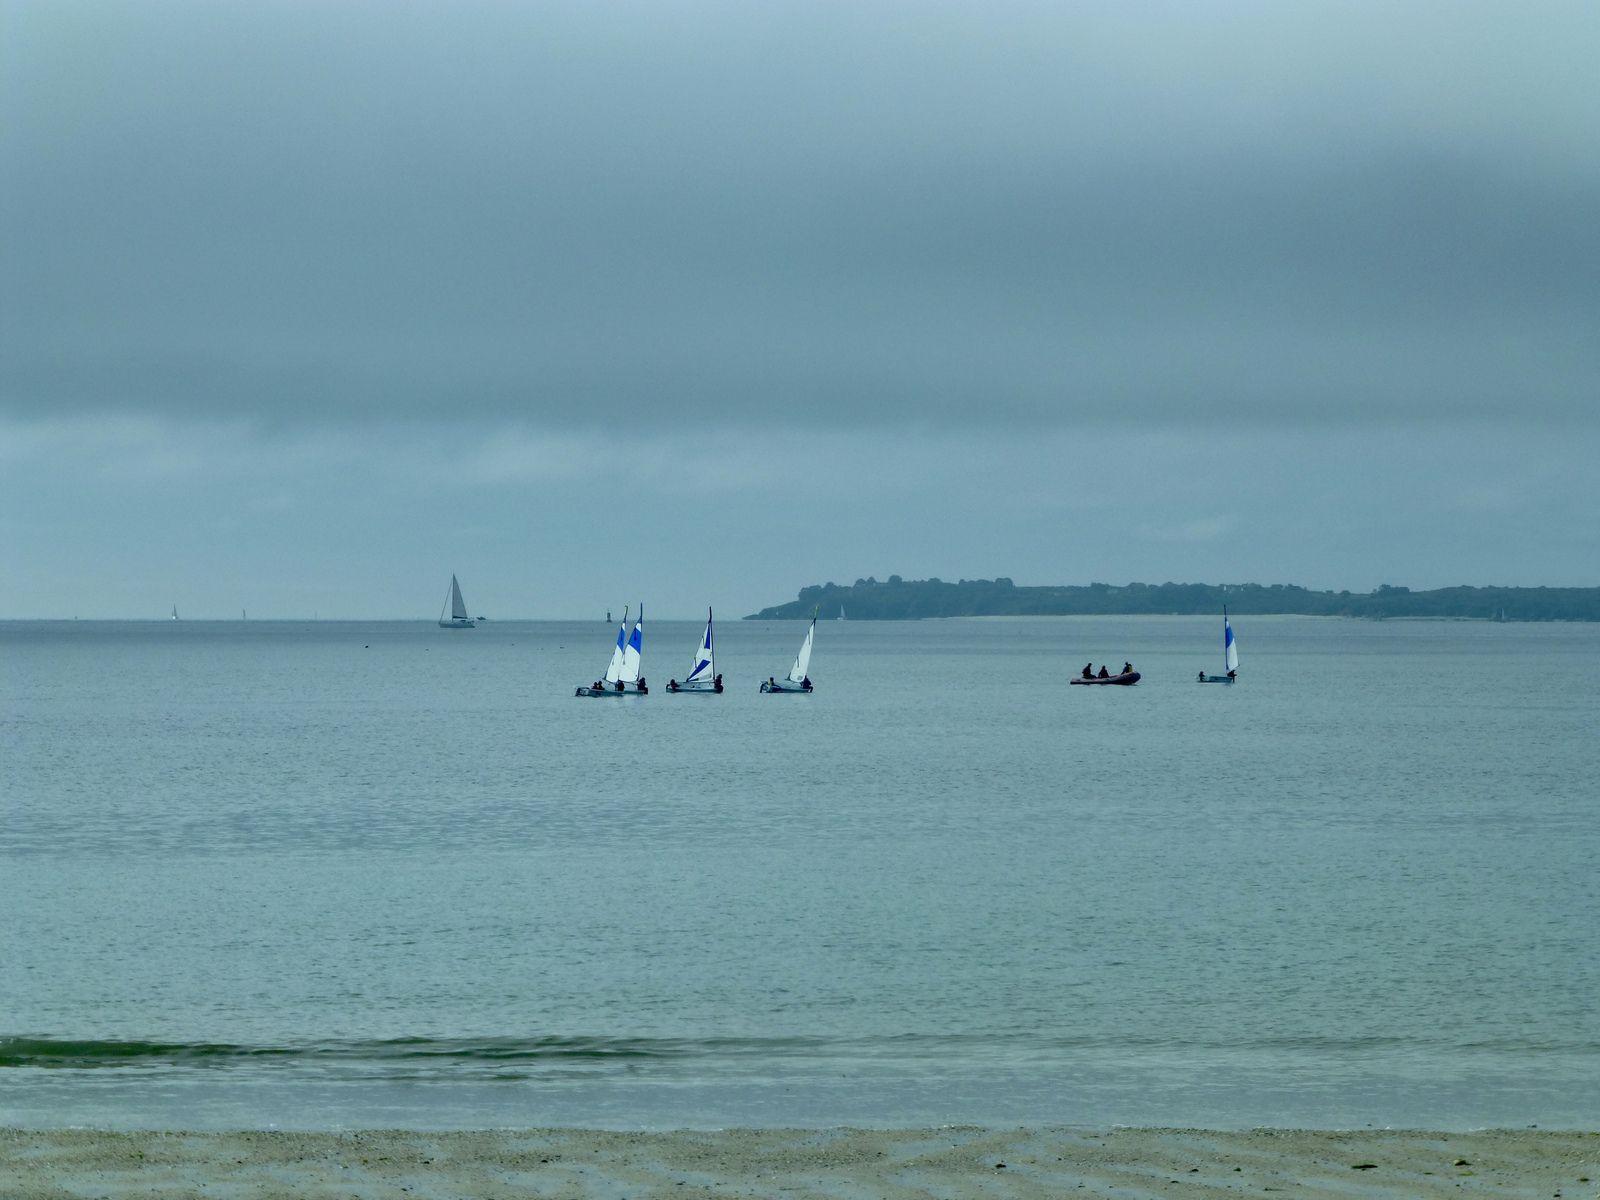 Une dernière journée sans beaucoup de relief sauf sur les quais Éric Tabarly où il y a la cité à venir voir.